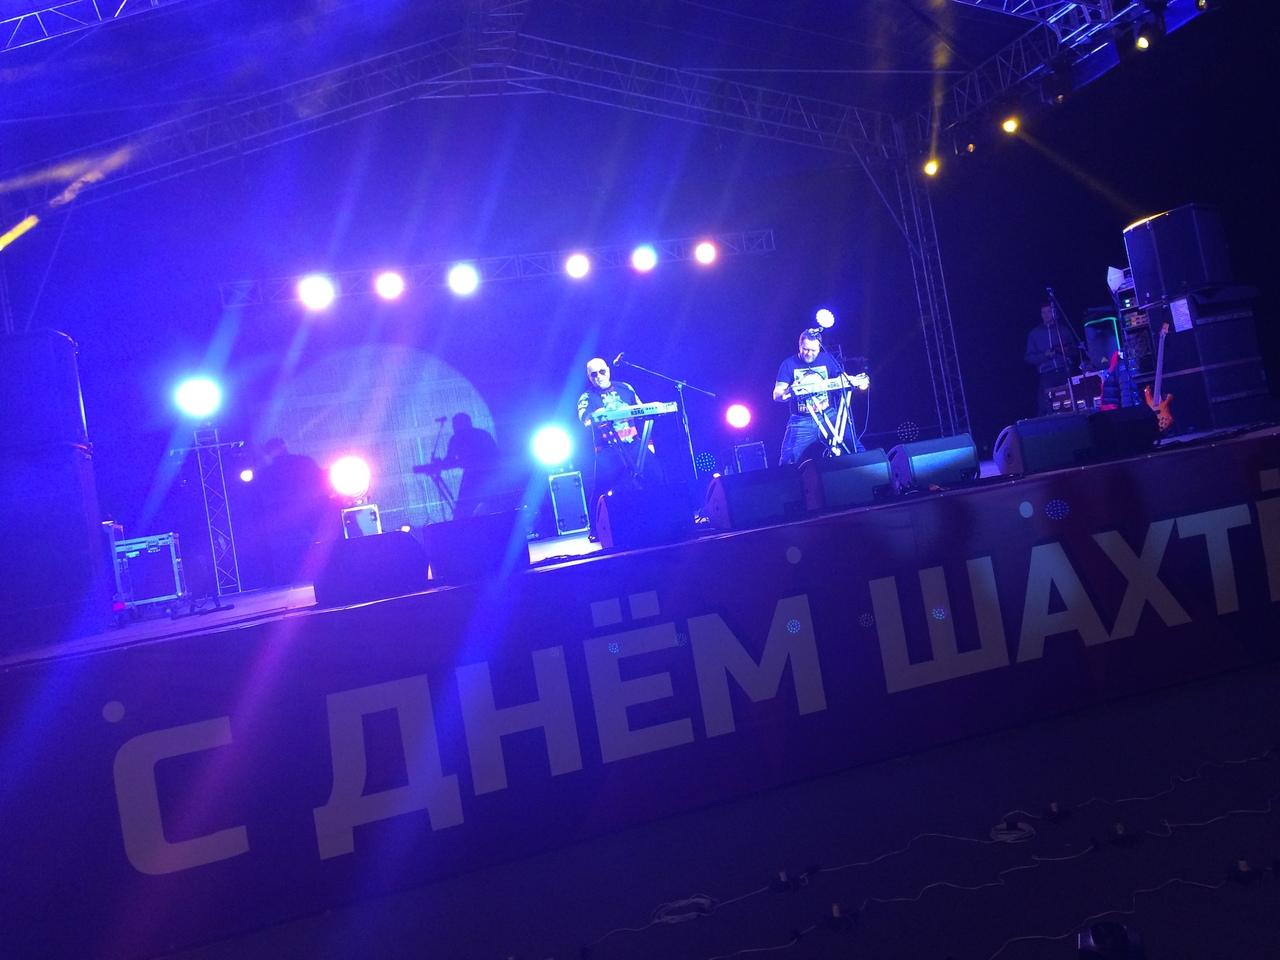 День шахтера 2018 в поселке Бачатский, Белово, выступает группа Русский размер